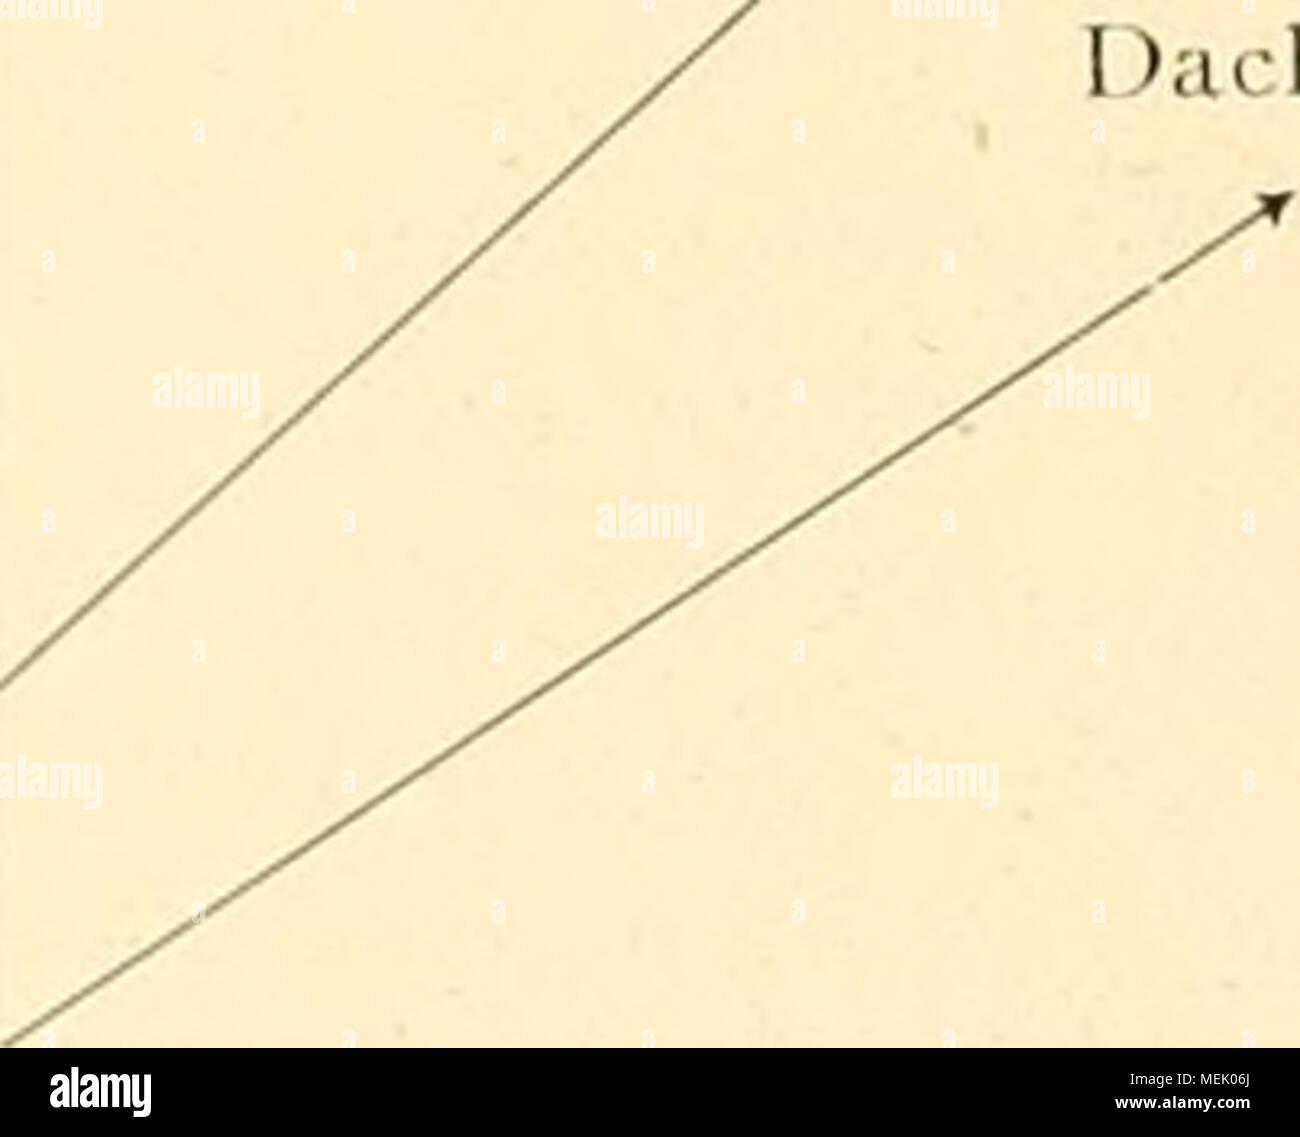 . Die Abstammung der ältesten Haustiere .. . Altägyptisclier Windliund Cauis s/wr//s/s (Aelteste Domestiliation in Aethiopien.) DIE ABSTAMMUNG DER DOGGEN-GRUPPE. Die Familie der Doggen bildet das reine Gegenstück zur vorigen (jruppe der Windhunde, indem sie fast durchweg grosse, schwere, muskelkrättige Haushunde umfasst, deren pschischer Charakter durch grosse Anhänglichkeit an den Besitzer einerseits, durch stark agressives Wesen dem Gegner gegen- über anderseits eine scharf ausgesprochene Nuance erhält. Der schwergebaute, breite Kopf ist von eckigen Formen, die Schnauze - Stock Image